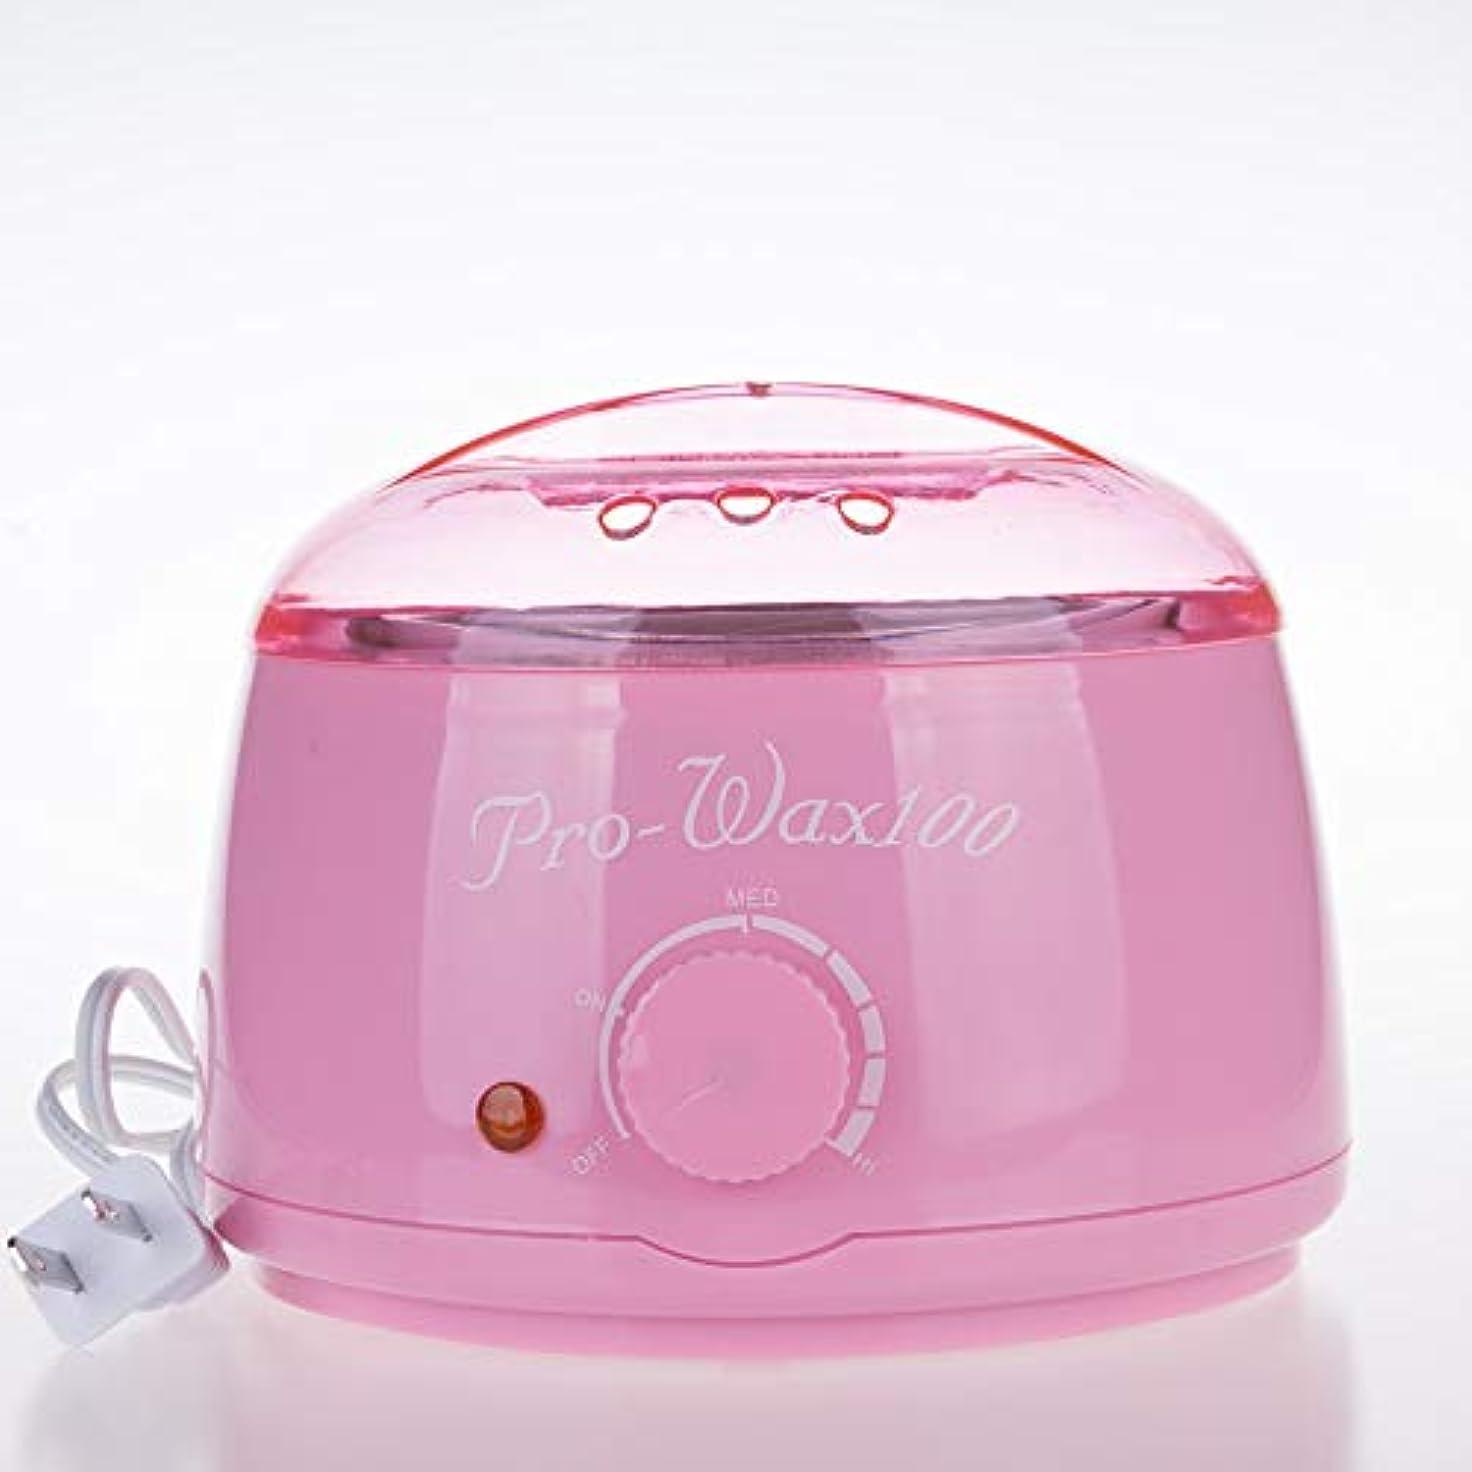 プロペラまたね夜明けワックスウォーマー、フェイシャル&ビキニエリア&脇の下用ポータブル電気脱毛キット-温かい電気ワックスヒーター、美容用ワックス、,ピンク